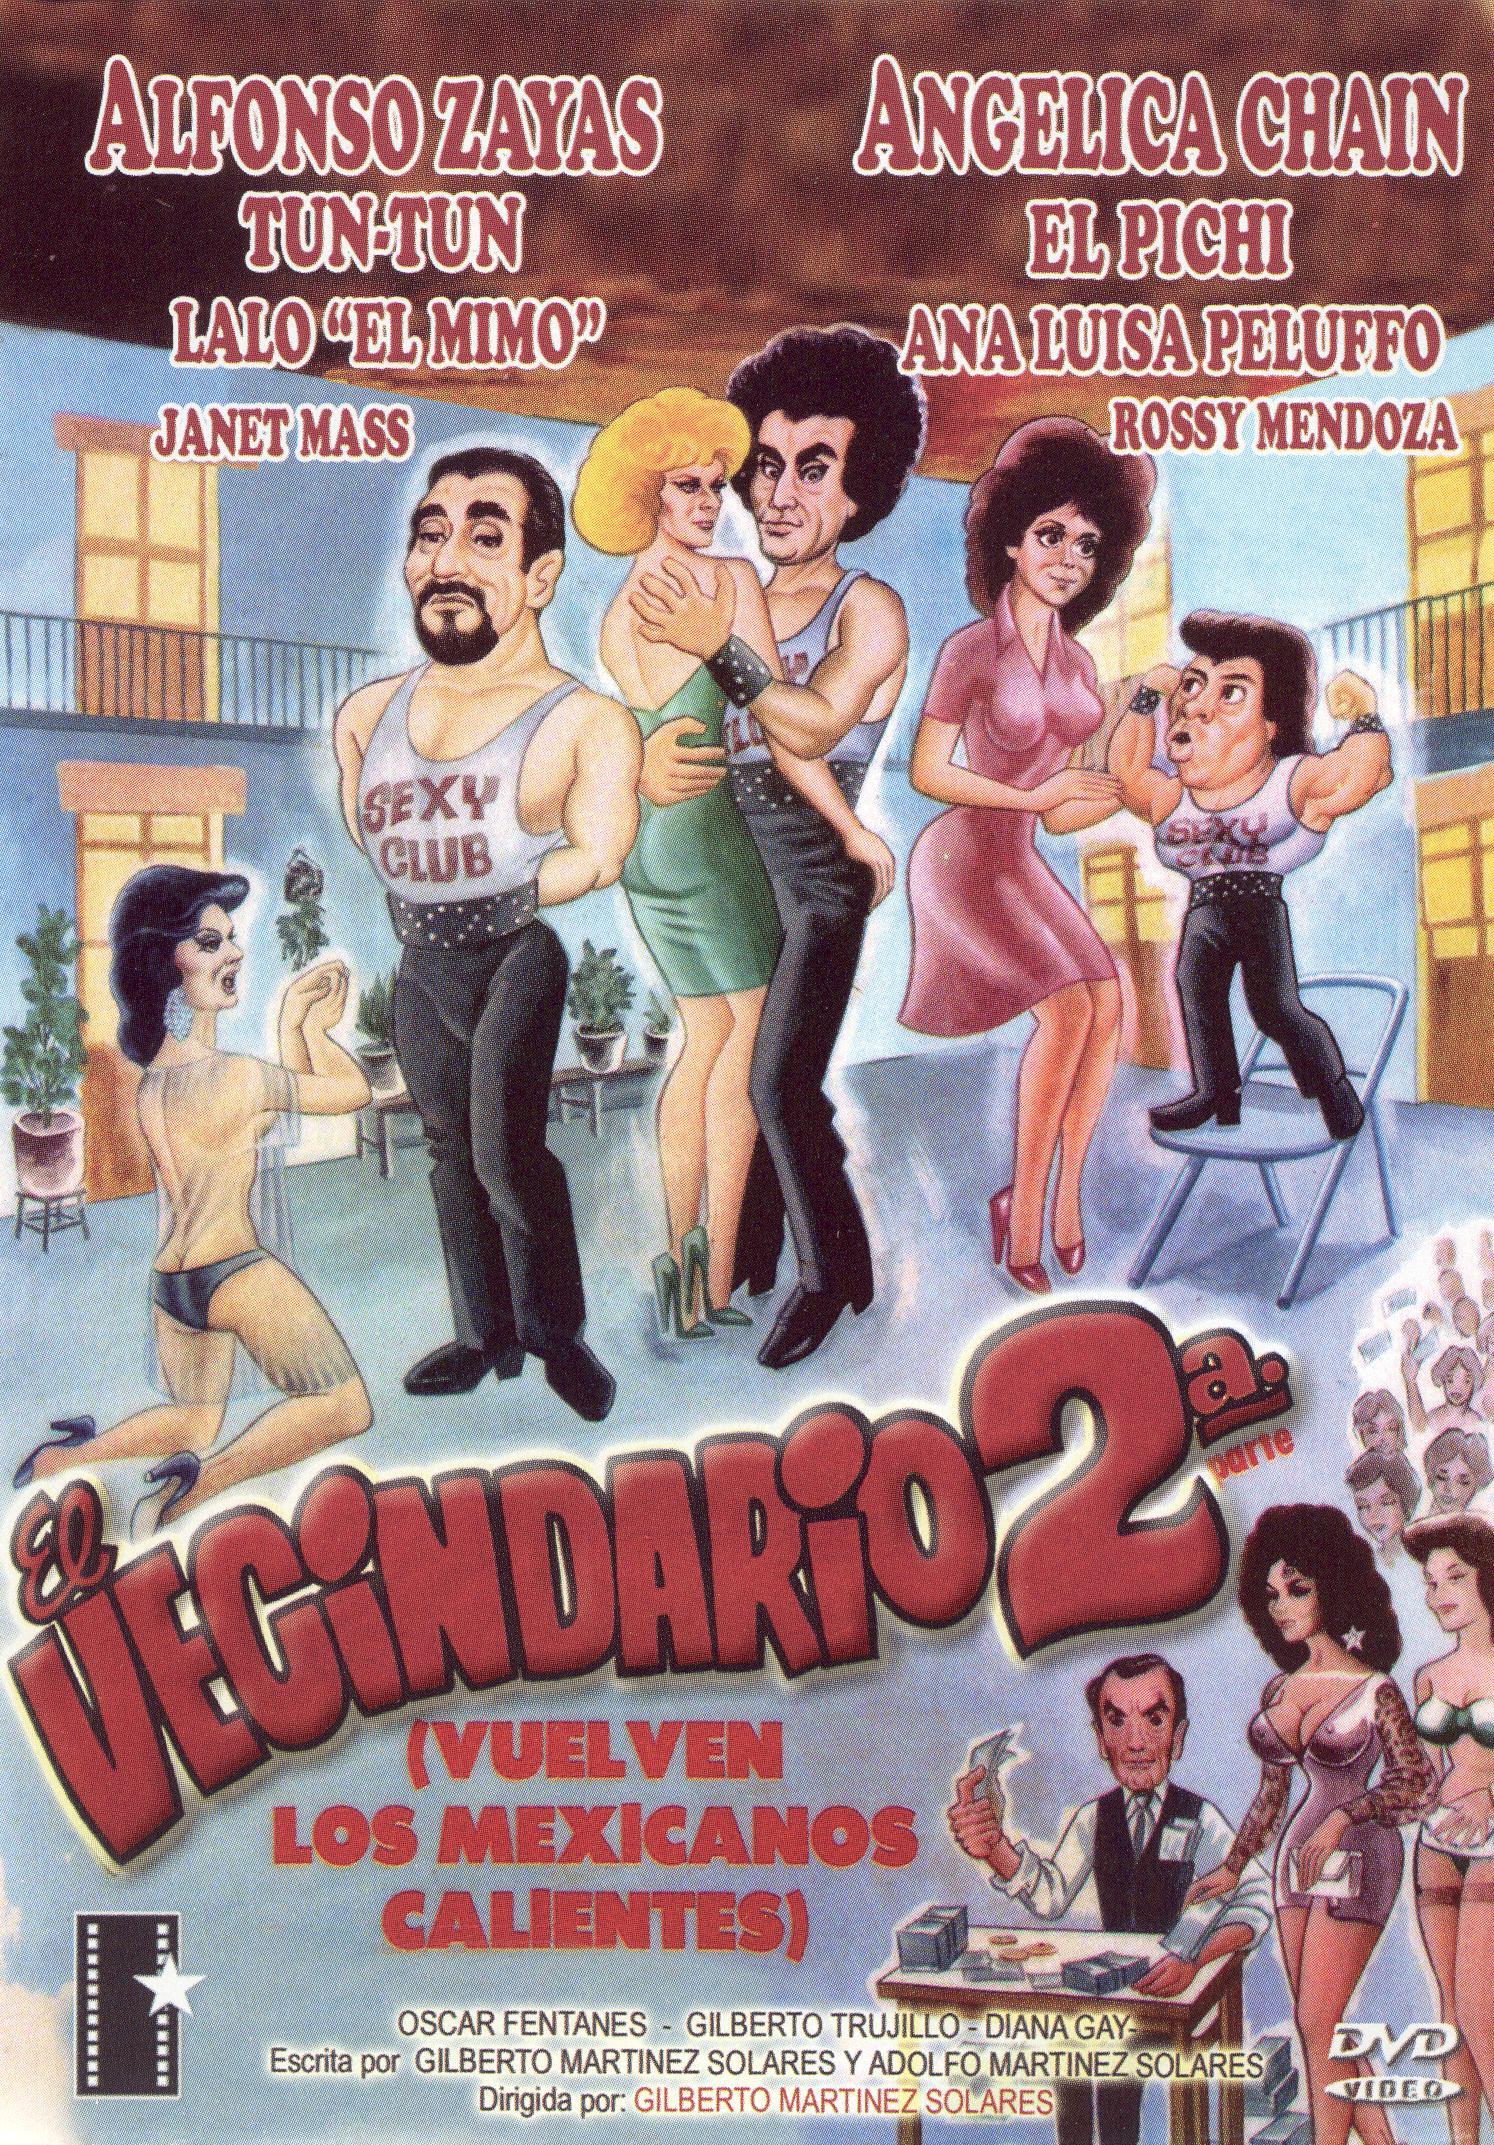 El Vecindario 2 - Vuel Ven los Mexicanos Calientes